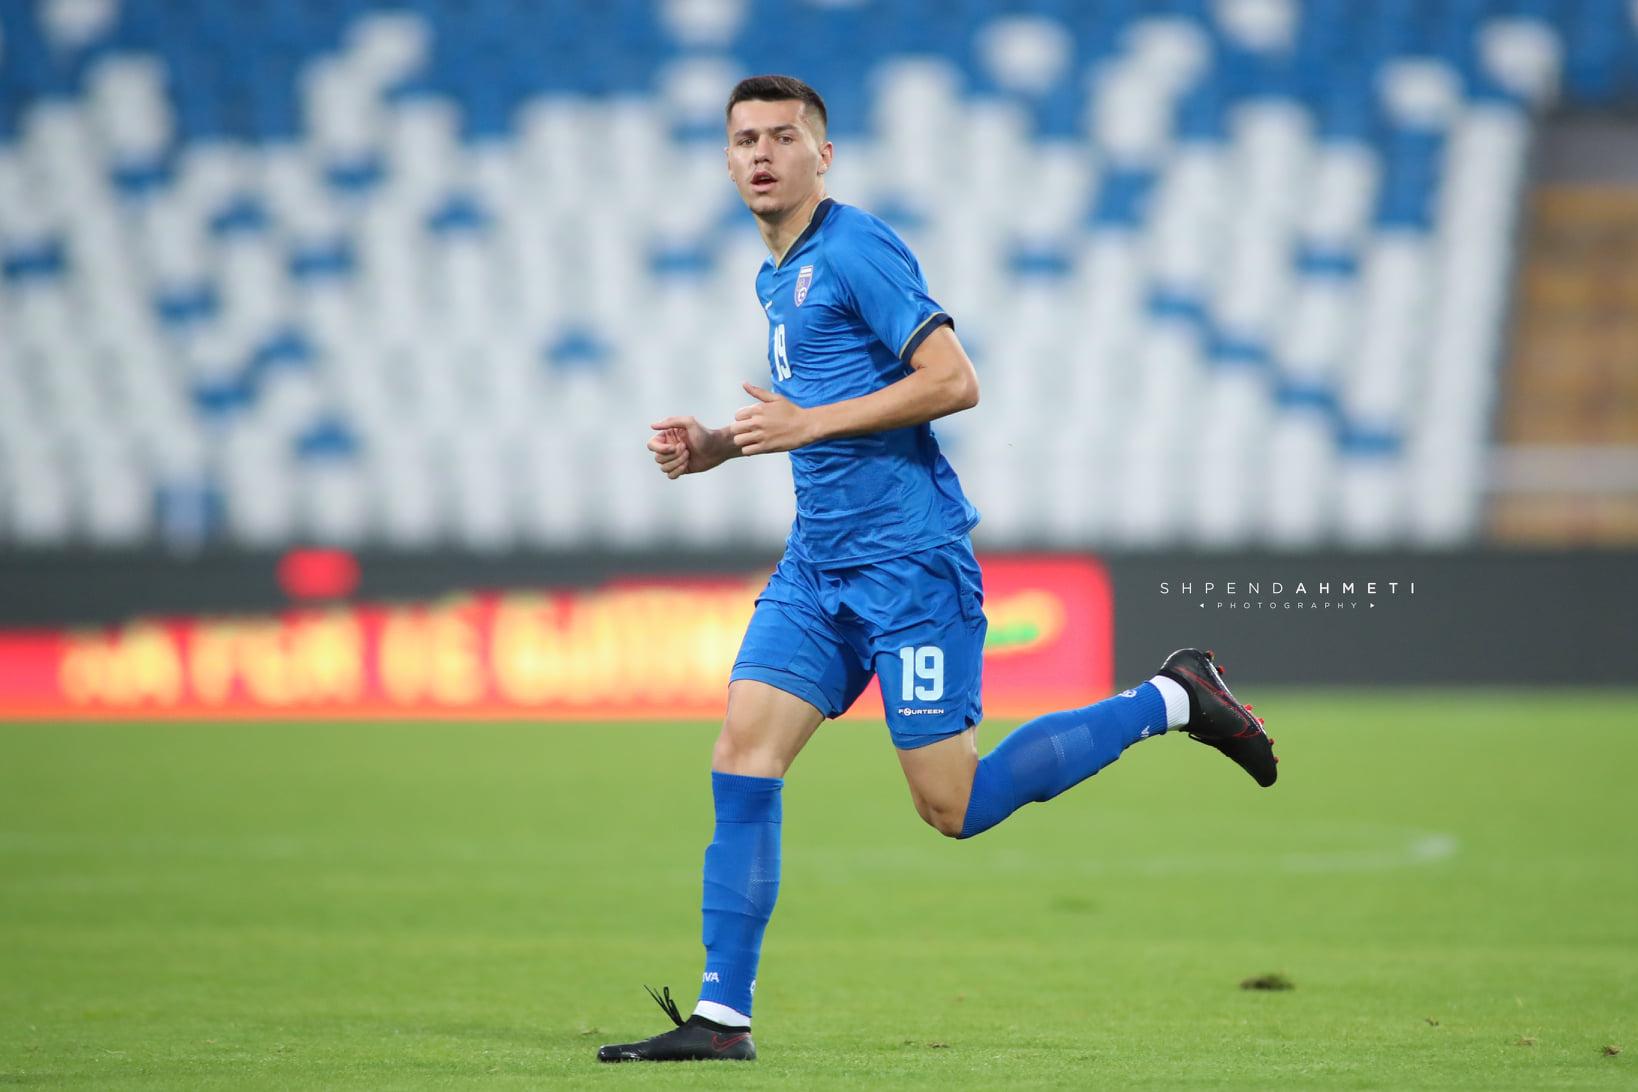 Rekordmeni i Superligës, Mirlind Daku me fanellën e kombëtares së Kosovës